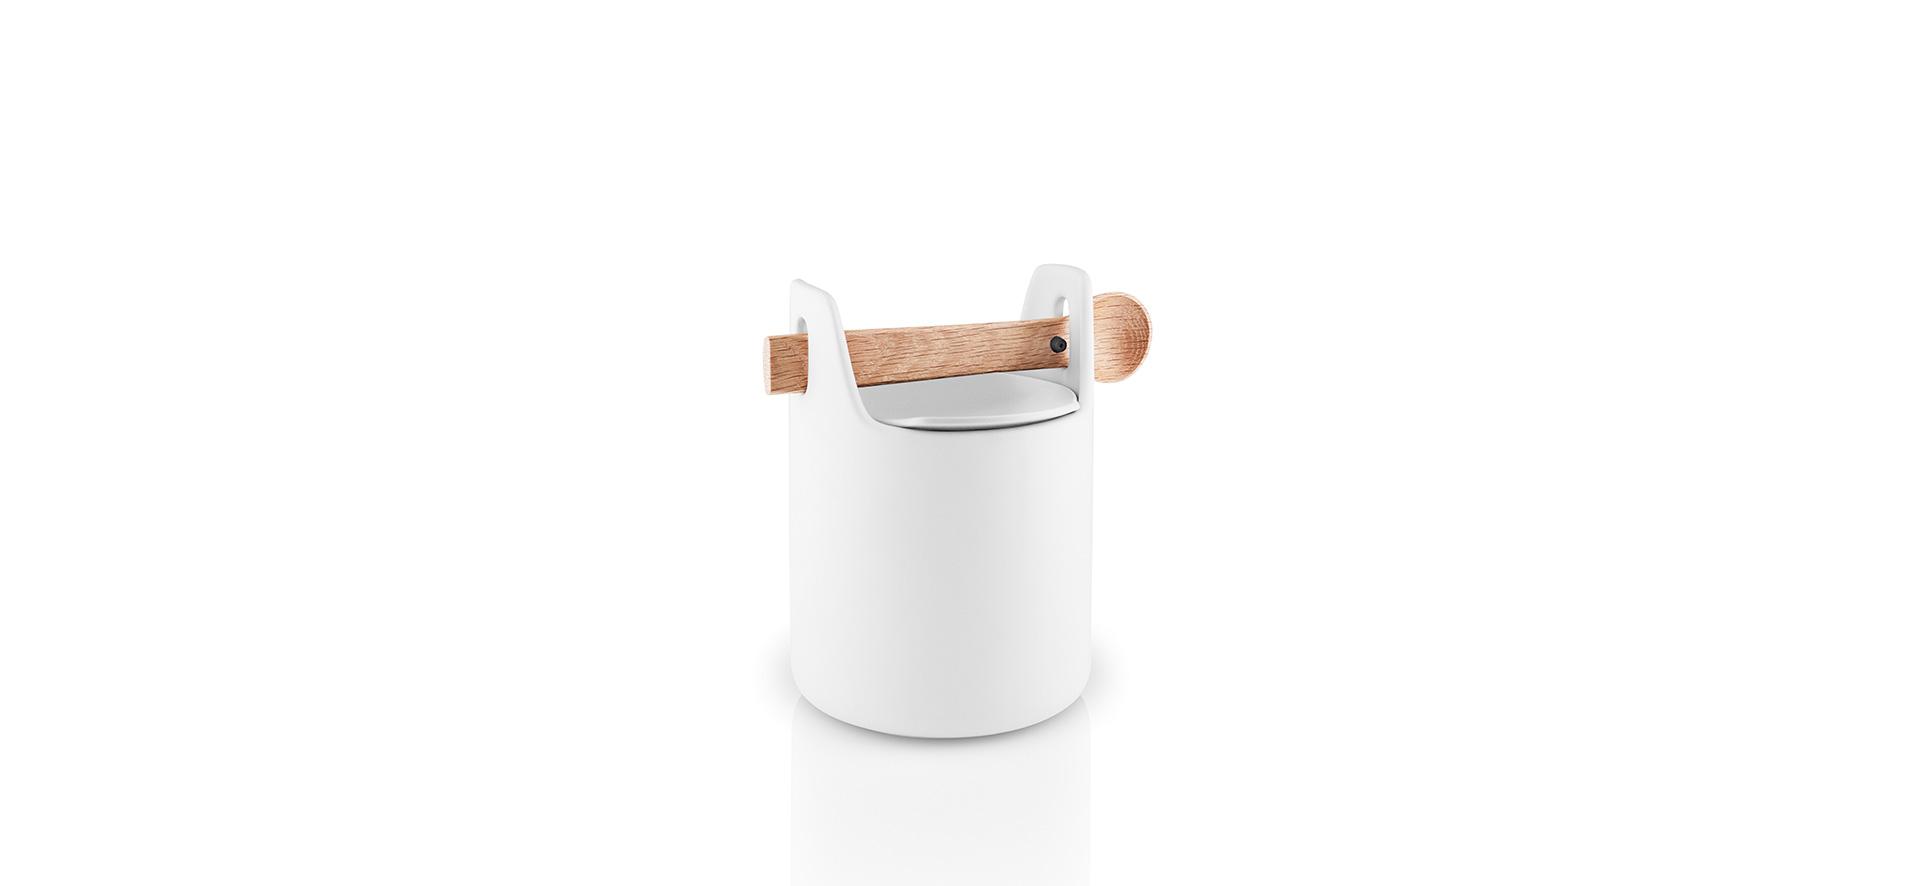 Full Size of Aufbewahrungsbehälter Küche Aufbewahrungsbehälter Für Küche Aufbewahrungsbehälter Küche Kaufen Aufbewahrungsbehälter Küchenutensilien Küche Aufbewahrungsbehälter Küche